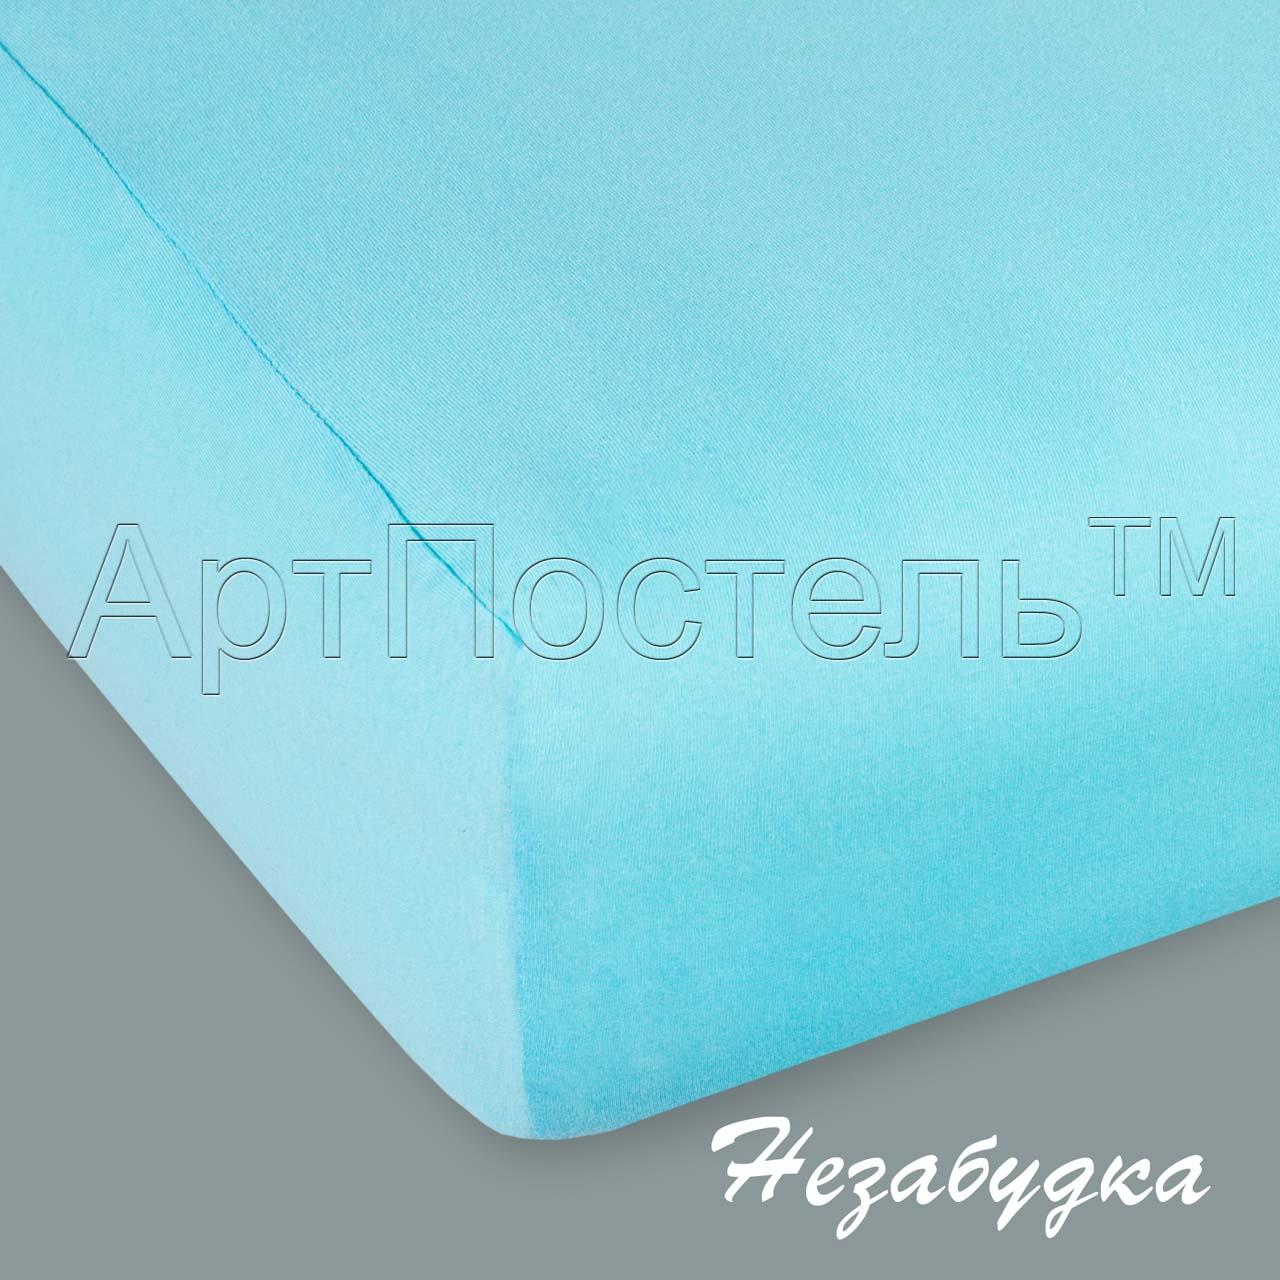 Простыня на резинке Незабудка, размер 180х200 смПростыни<br>Плотность ткани: 145 г/кв. м <br>Высота матраса: 20 см<br><br>Тип: Простыня<br>Размер: 180х200<br>Материал: Кулирка